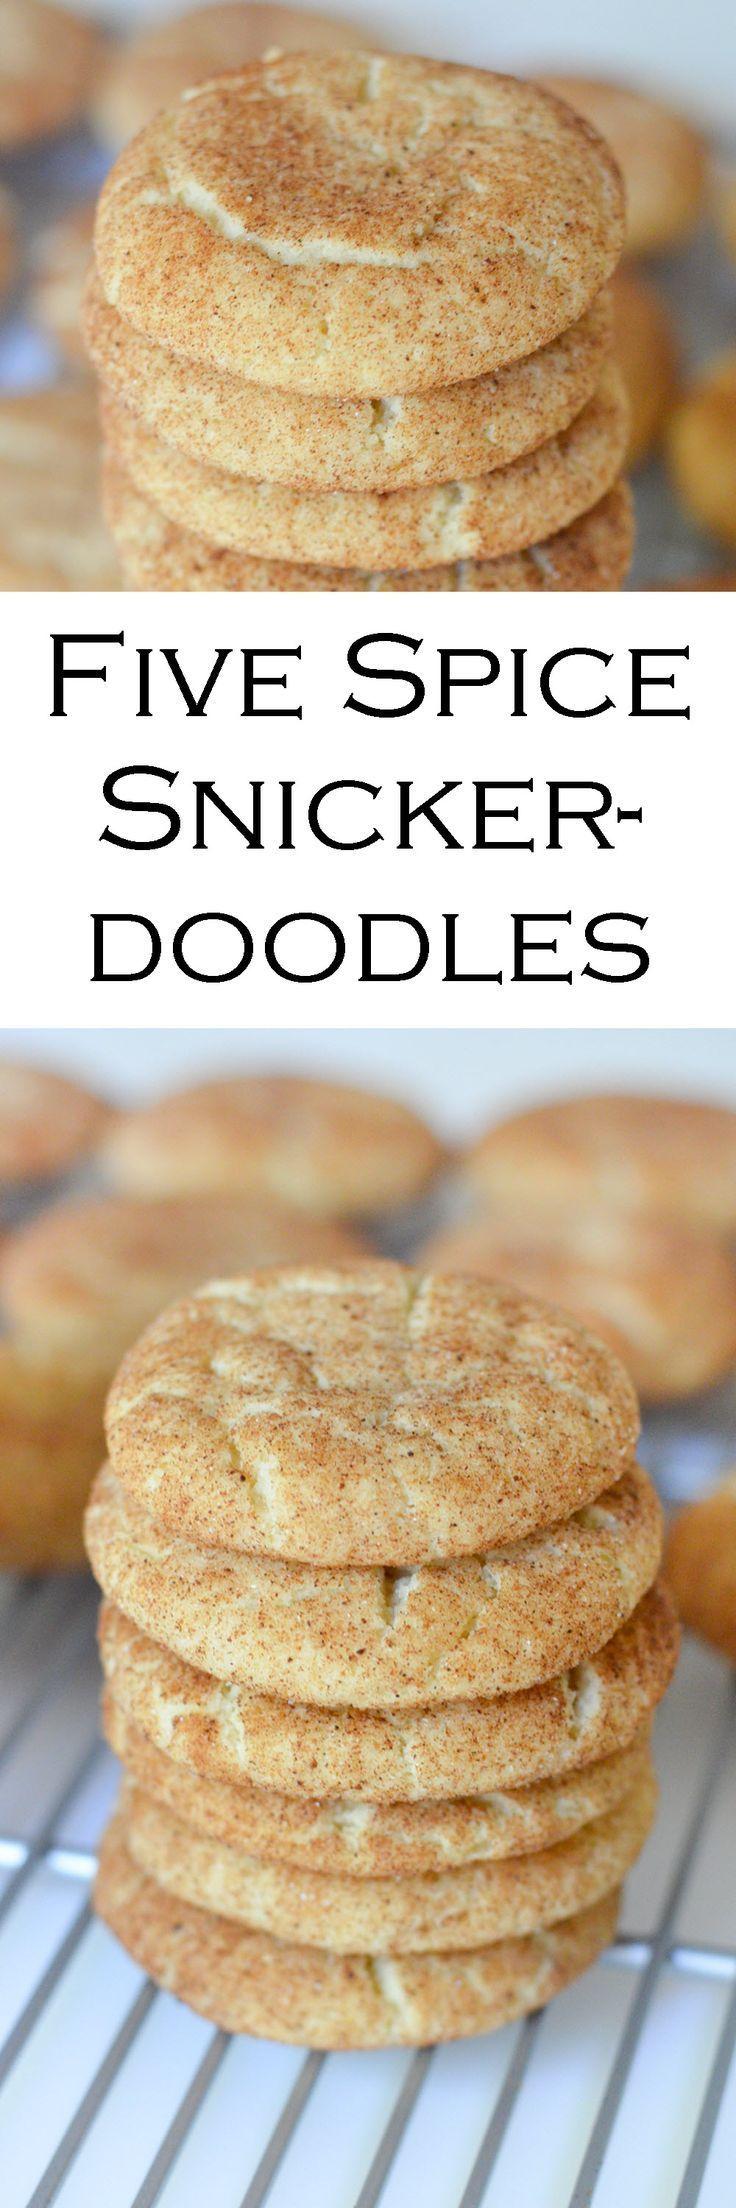 Five Spice Snickerdoodles Cookies Recipe